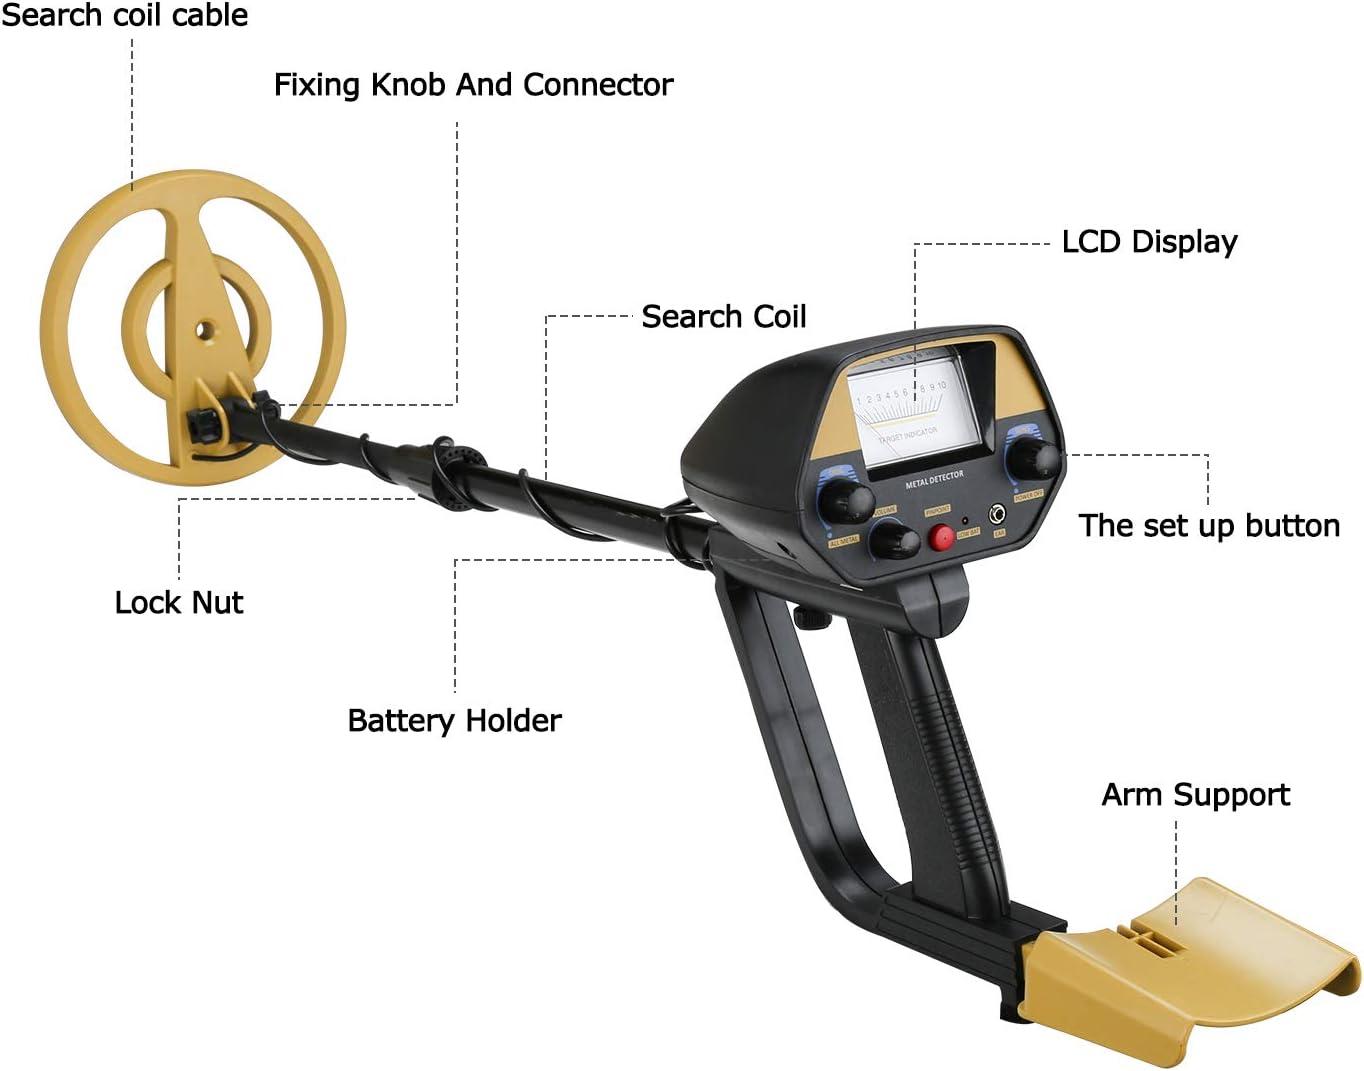 Hengda GC-1032 Metalldetektor wasserdicht Metall Suchger/ät Metallortungsger/ät Suchger/ät Suchtiefe Digital Metalldetektor